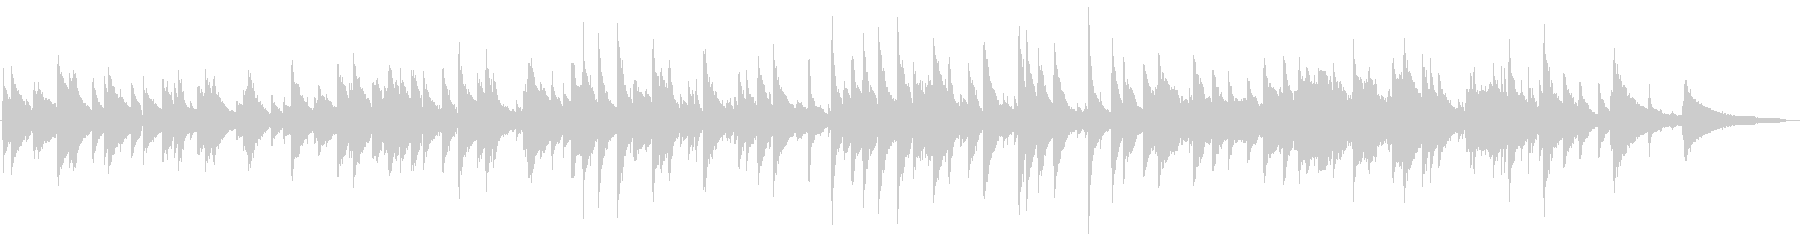 ピアノトリオのジャズワルツの未再生の波形